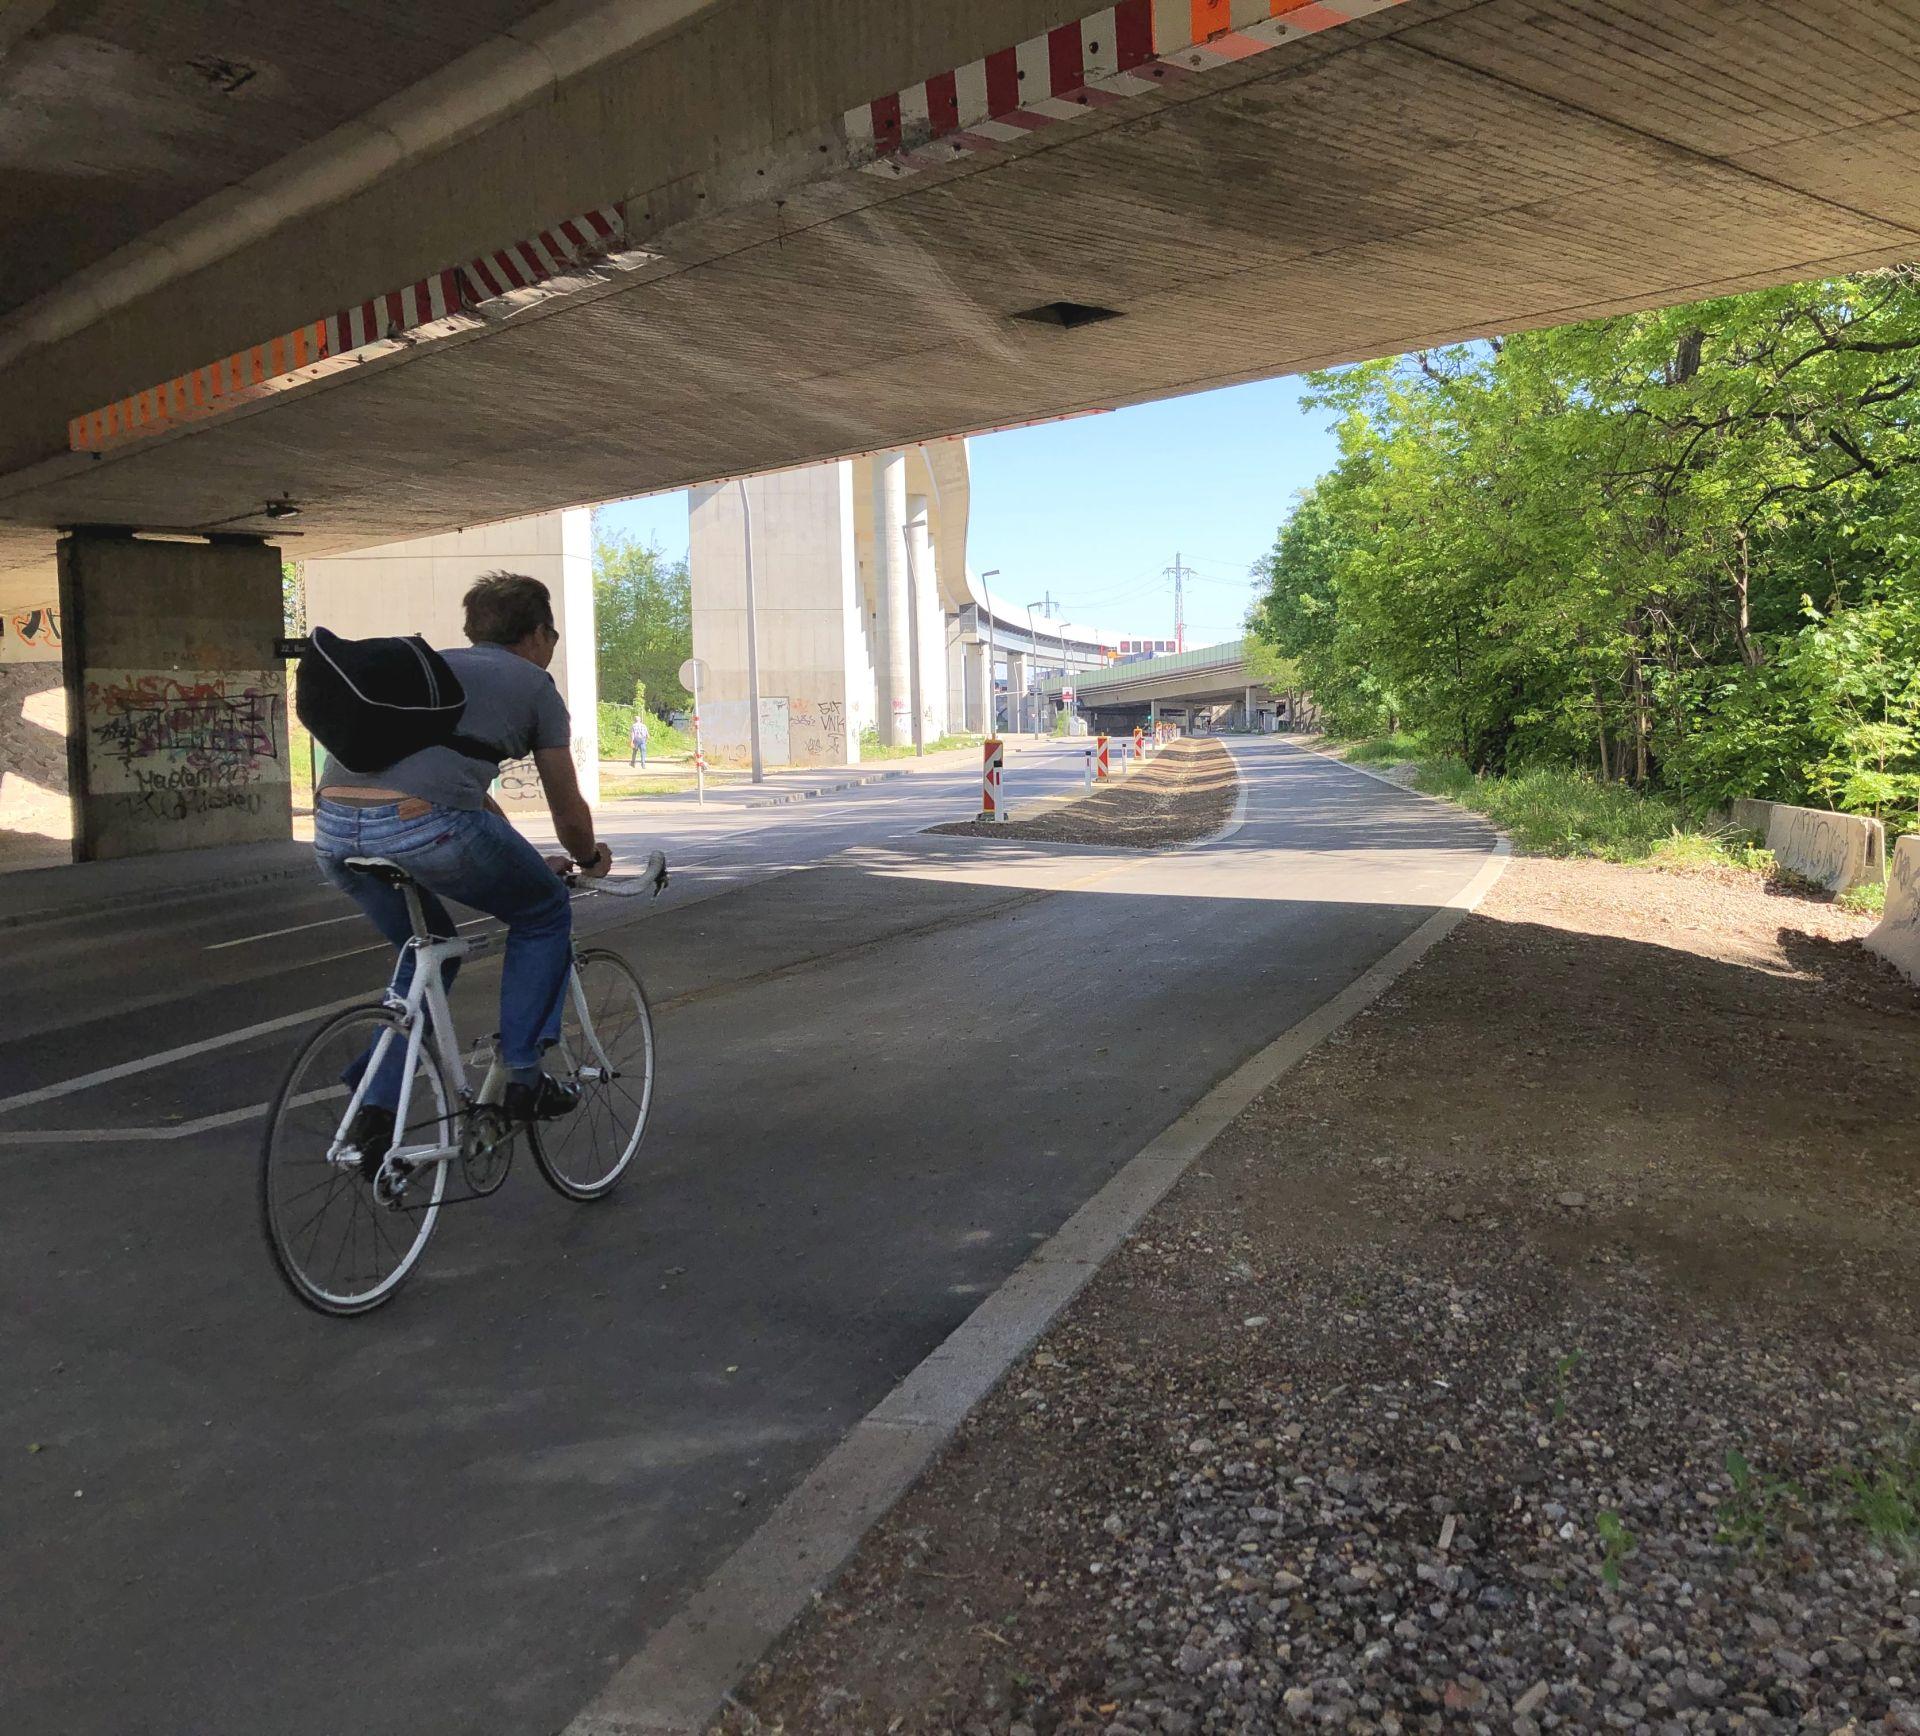 Neuer Radweg auf der Kaisermühlenstraße. Radfahrer fährt gerade vorbei.